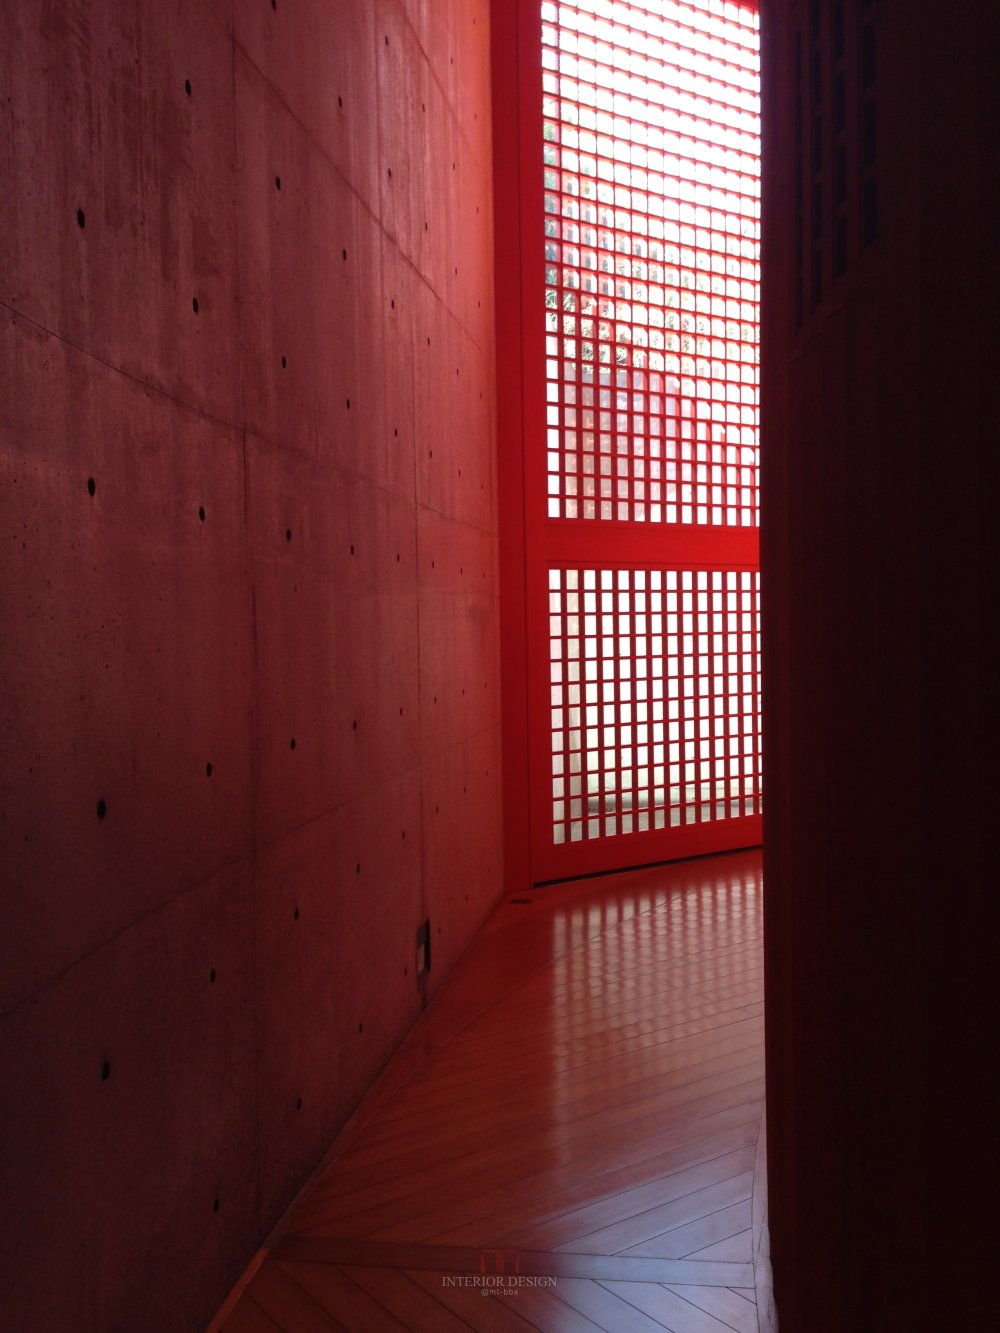 #伙伴一起看日本#  日本设计考察分享(更新美秀美术馆)_IMG_5172.JPG